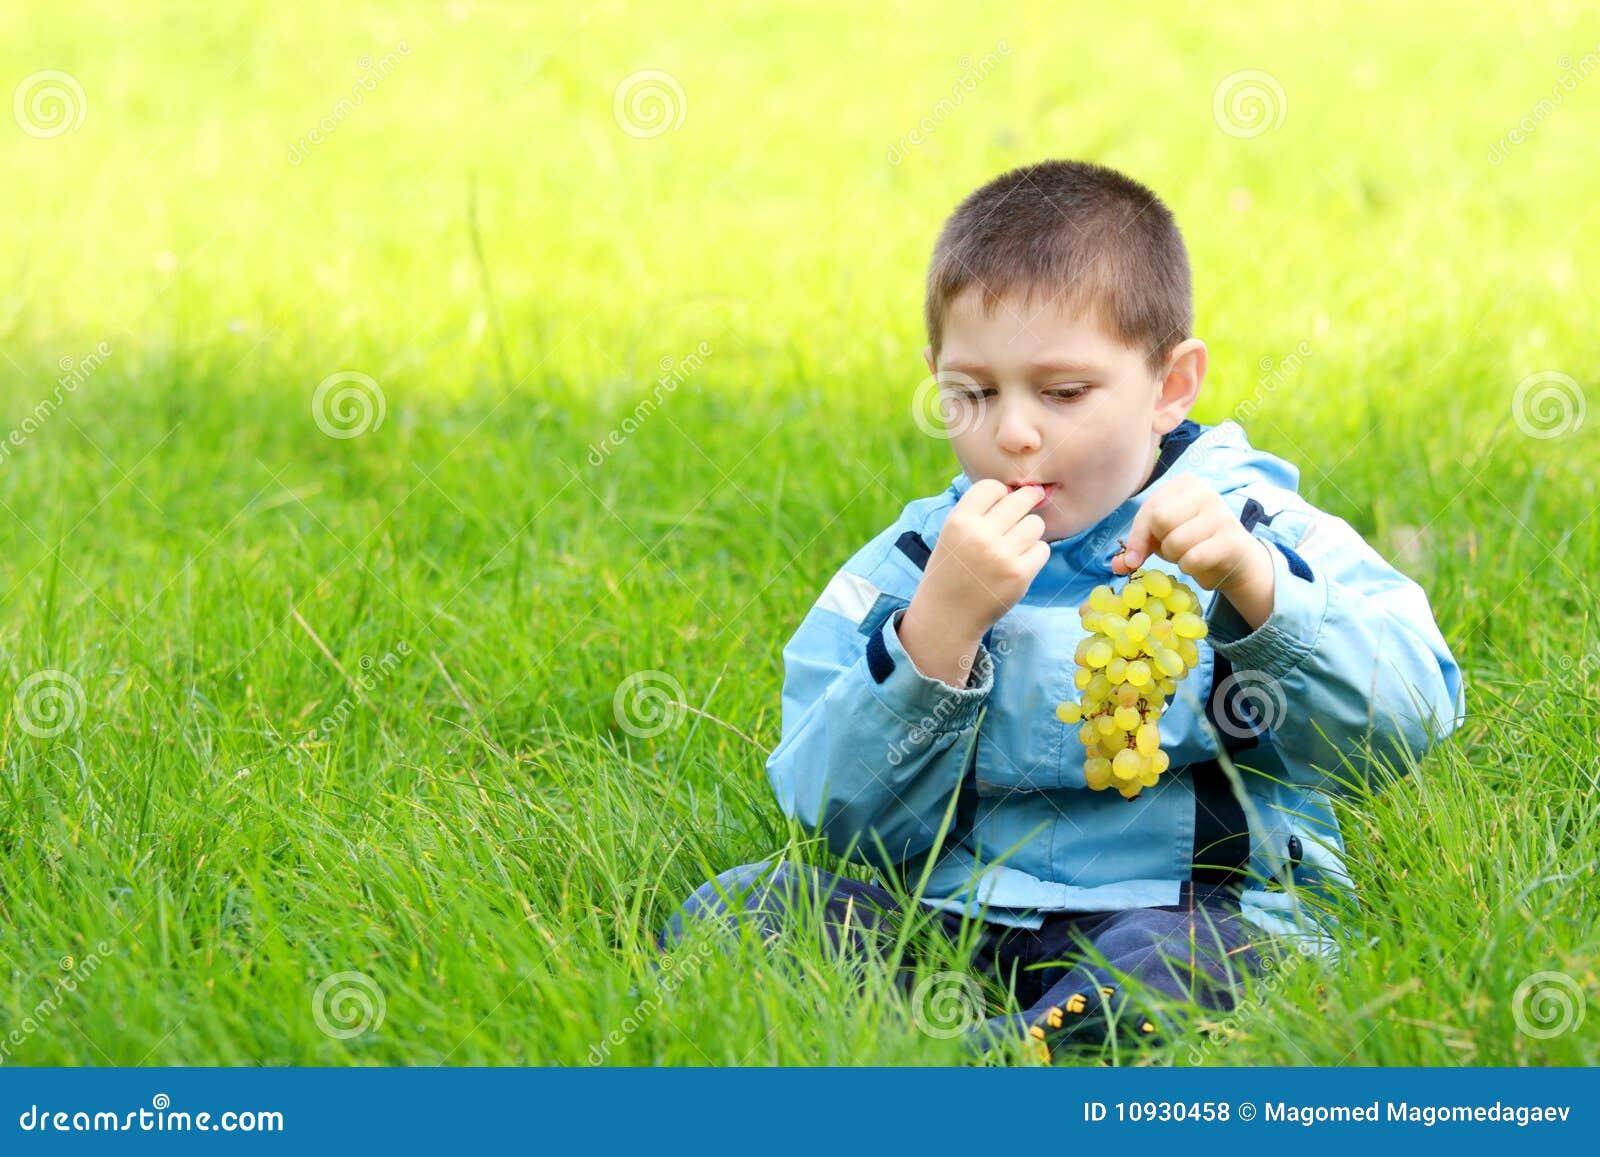 мальчик ест лужок виноградин